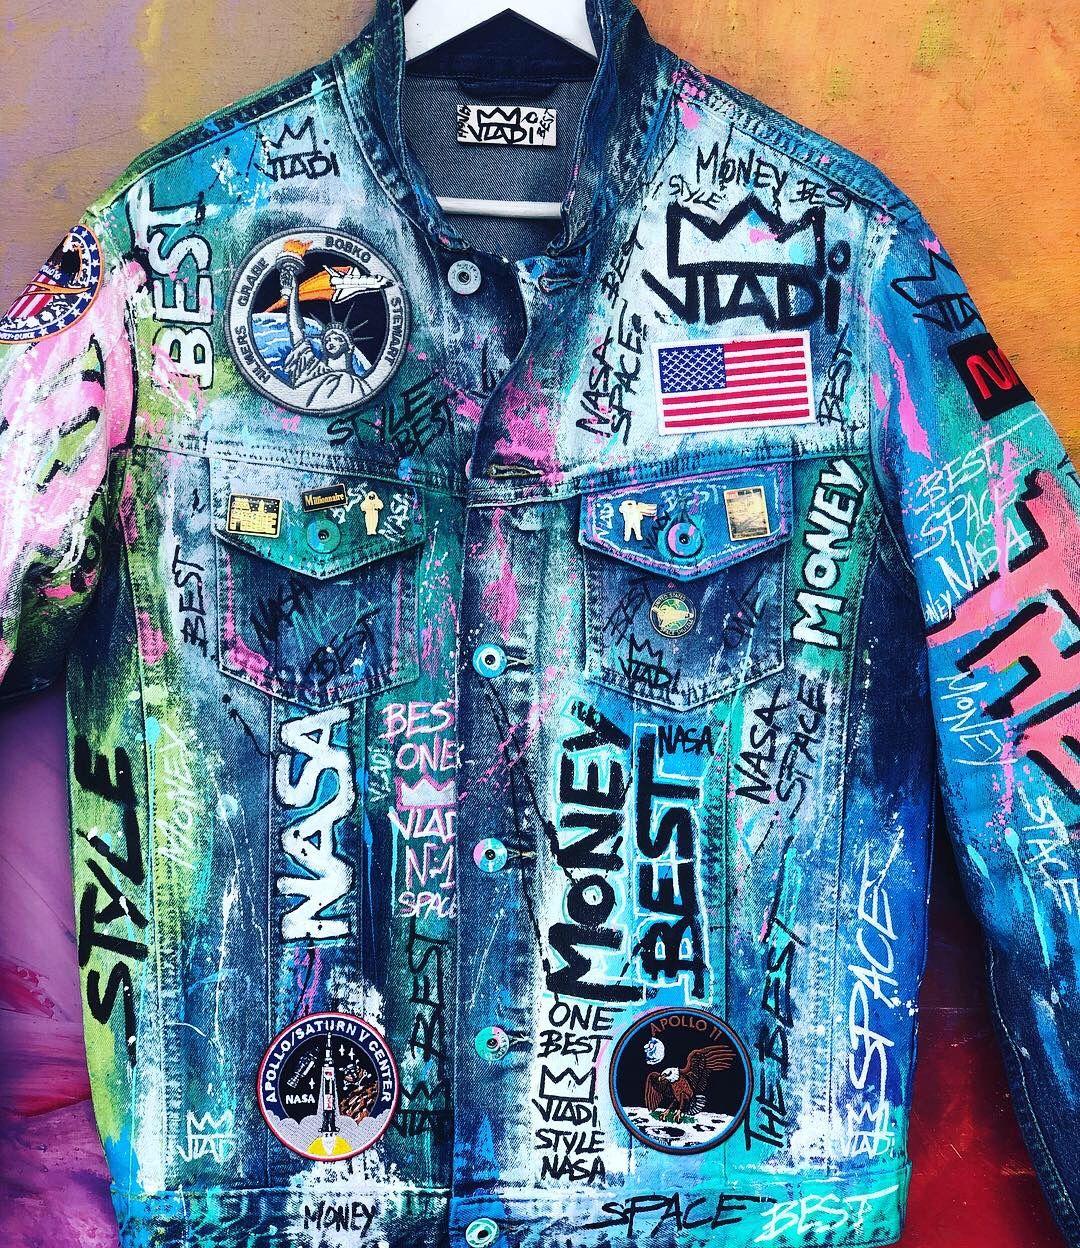 One Best Best Space Nasa Astronomy Astronaut Art Artvladi Jeans Jacket Jeansjacket Unique Painted Clothes Denim Diy Clothes Denim Design [ 1248 x 1080 Pixel ]